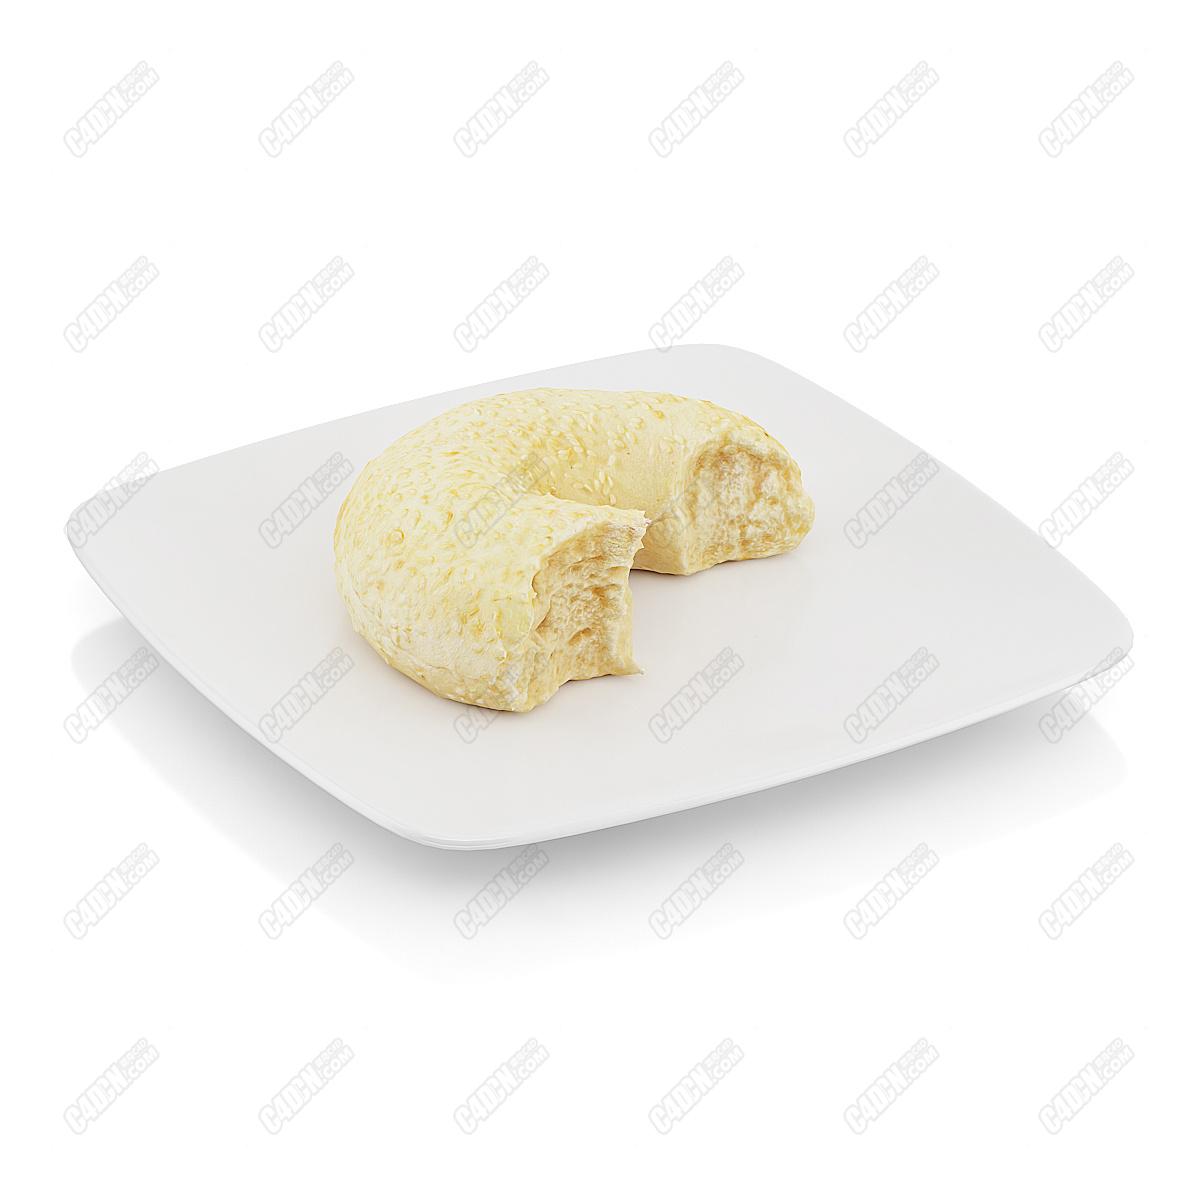 C4D模型-柔软香甜的面包圈蛋糕西点模型(包含材质和贴图)